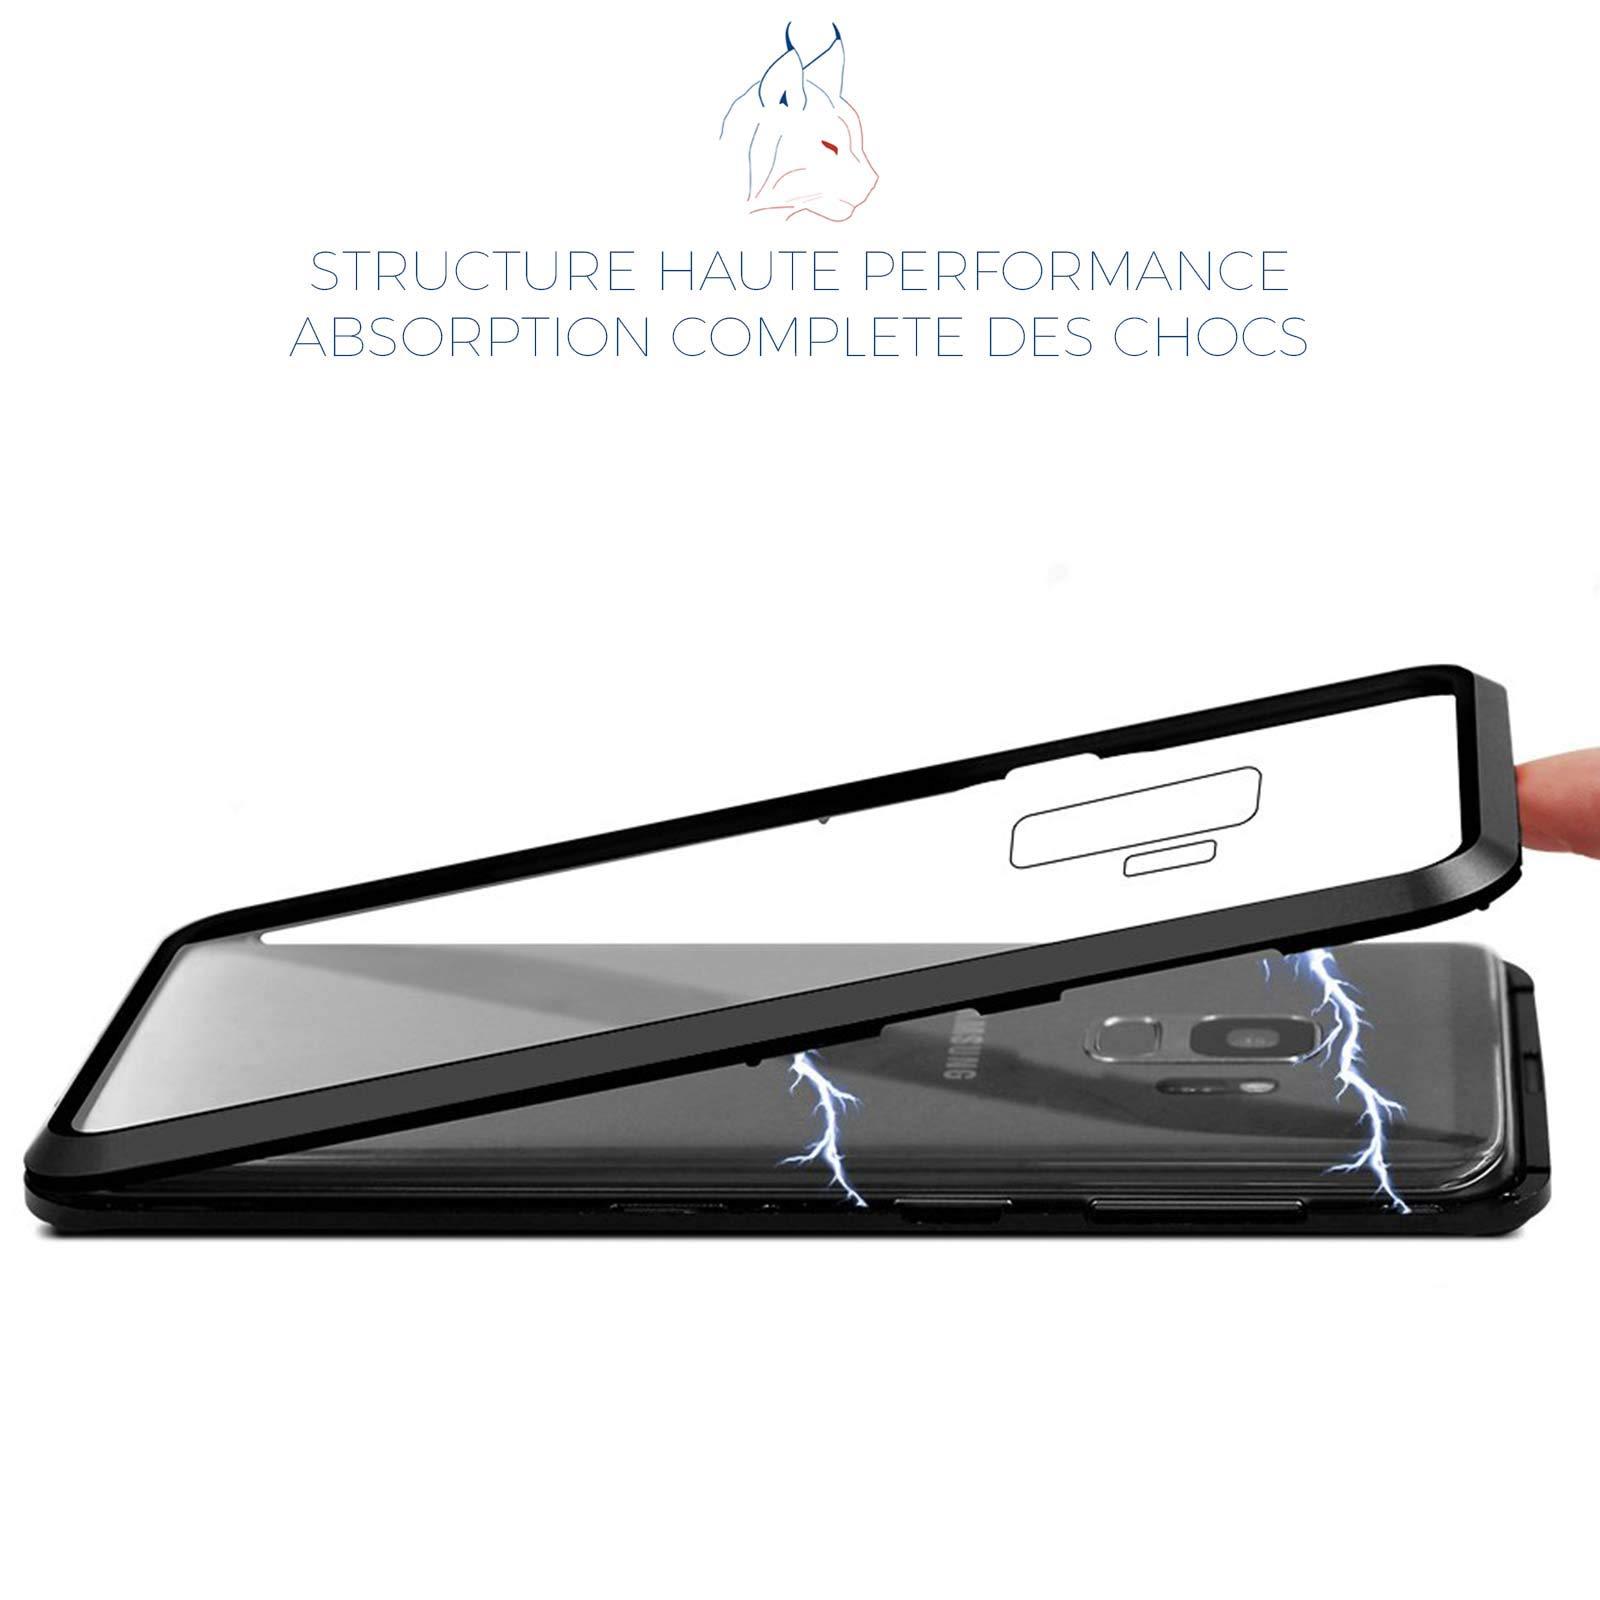 LINCIVIUS  Coque Compatible avec Samsung Galaxy S9, Coque de Protection 2 en 1 Aluminium et Verre Trempe Arrière et Contour Bumper Rigide pour Samsung Galaxy S9, Noir